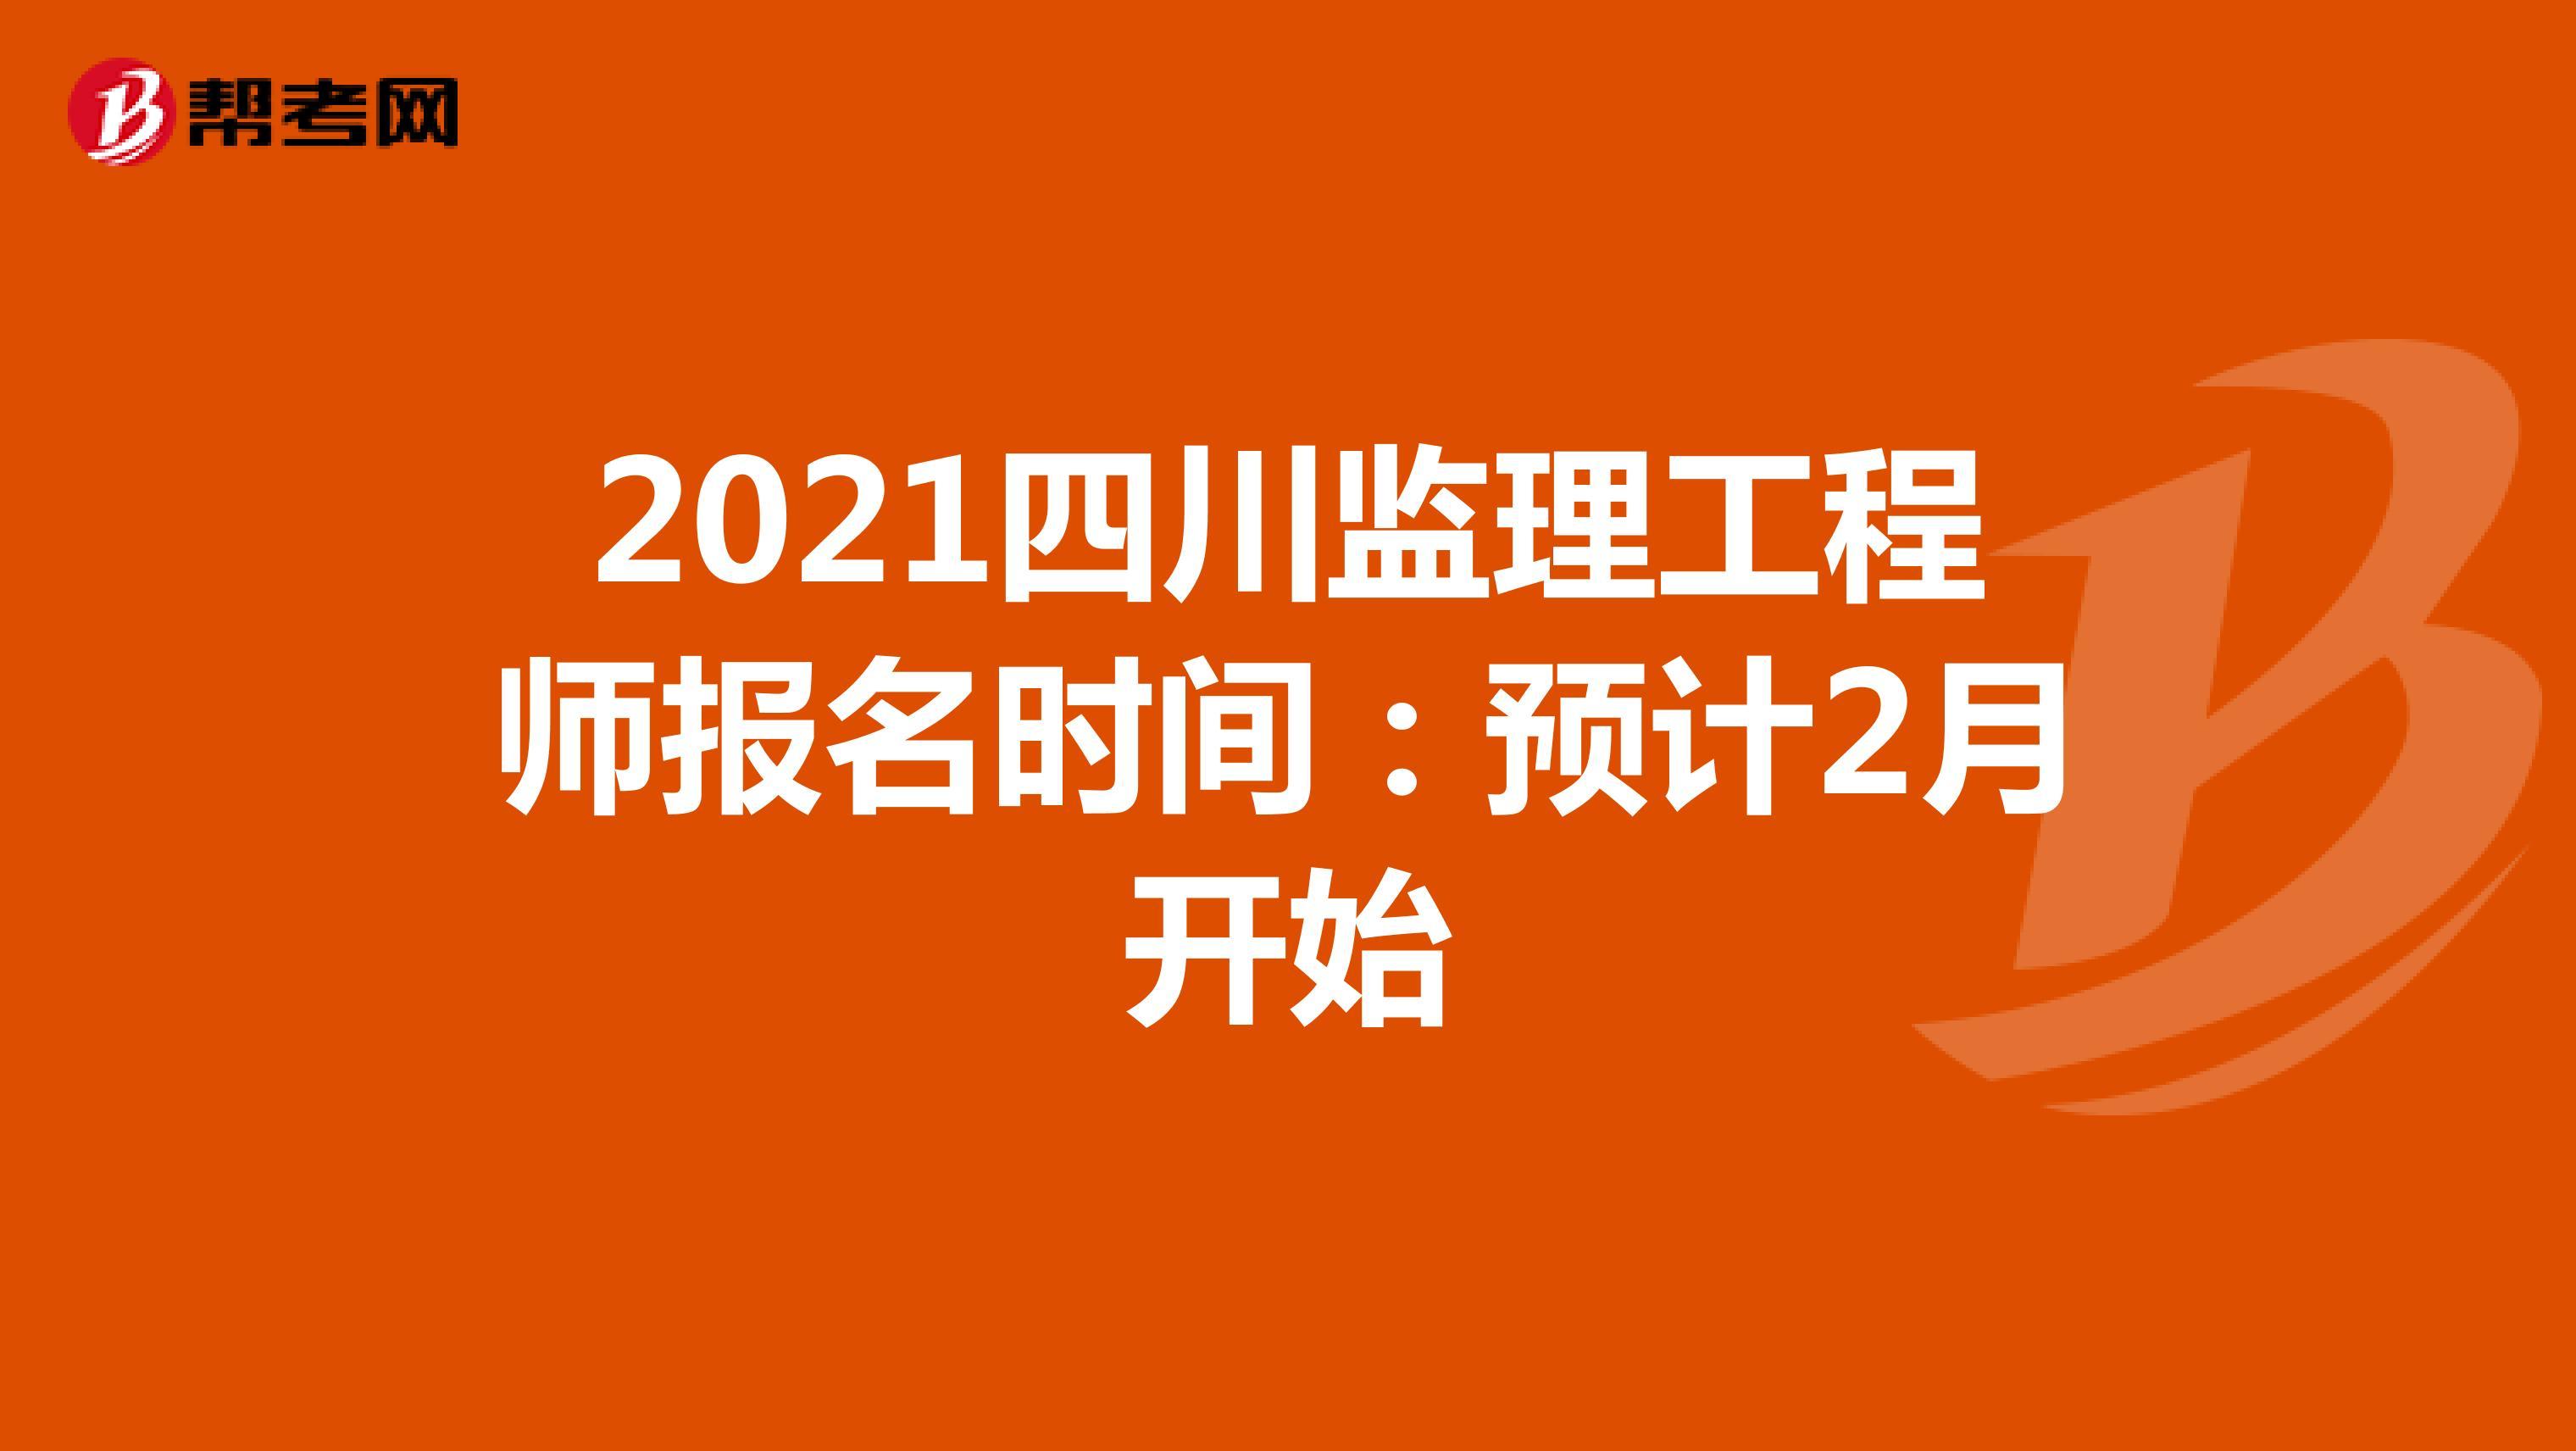 2021四川监理工程师报名时间:预计2月开始